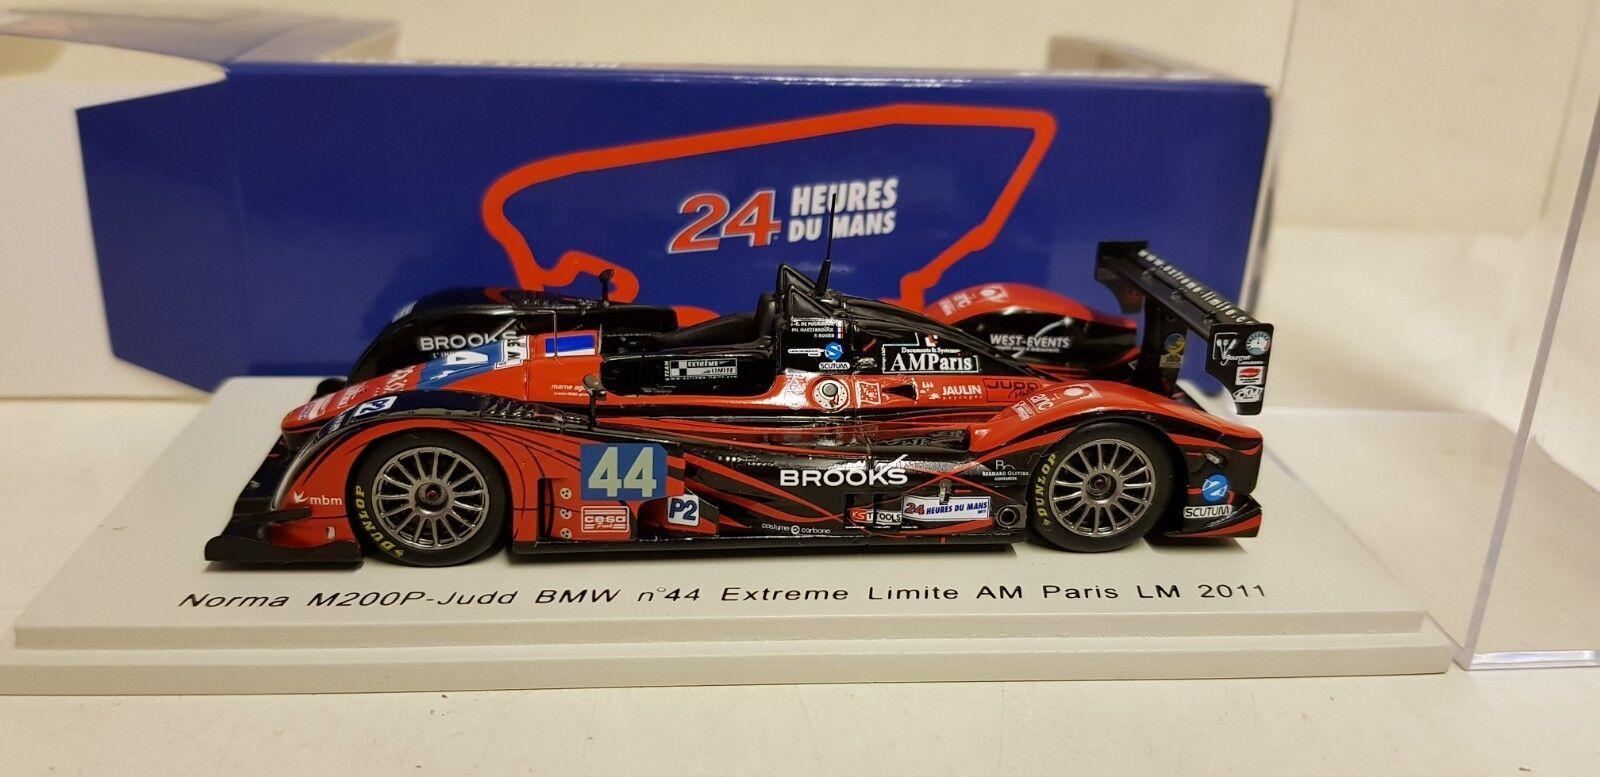 SPARK NORMA M200P JUDD BMW EXTREME LIMITE AM PARIS LEMANS 2011 1 43 S2538